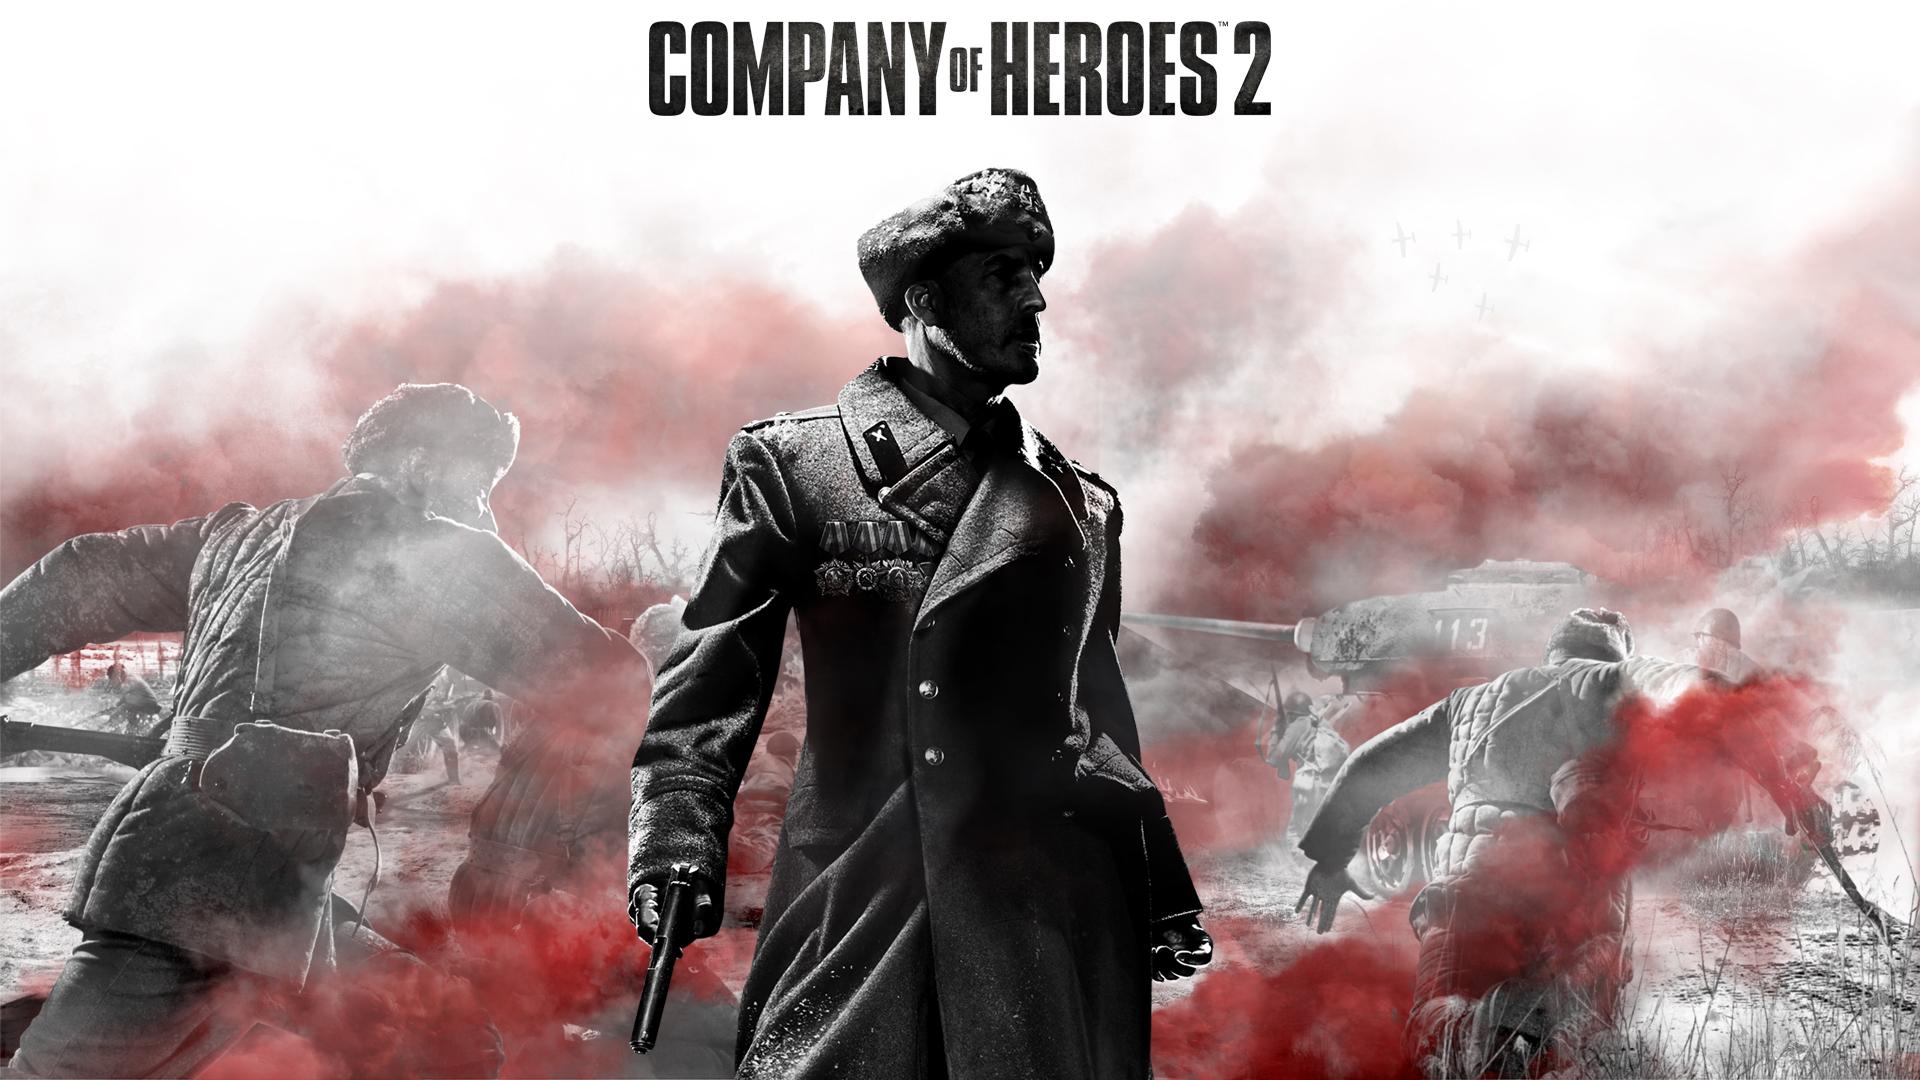 Получите бесплатно стратегию Company of Heroes 2 на PC